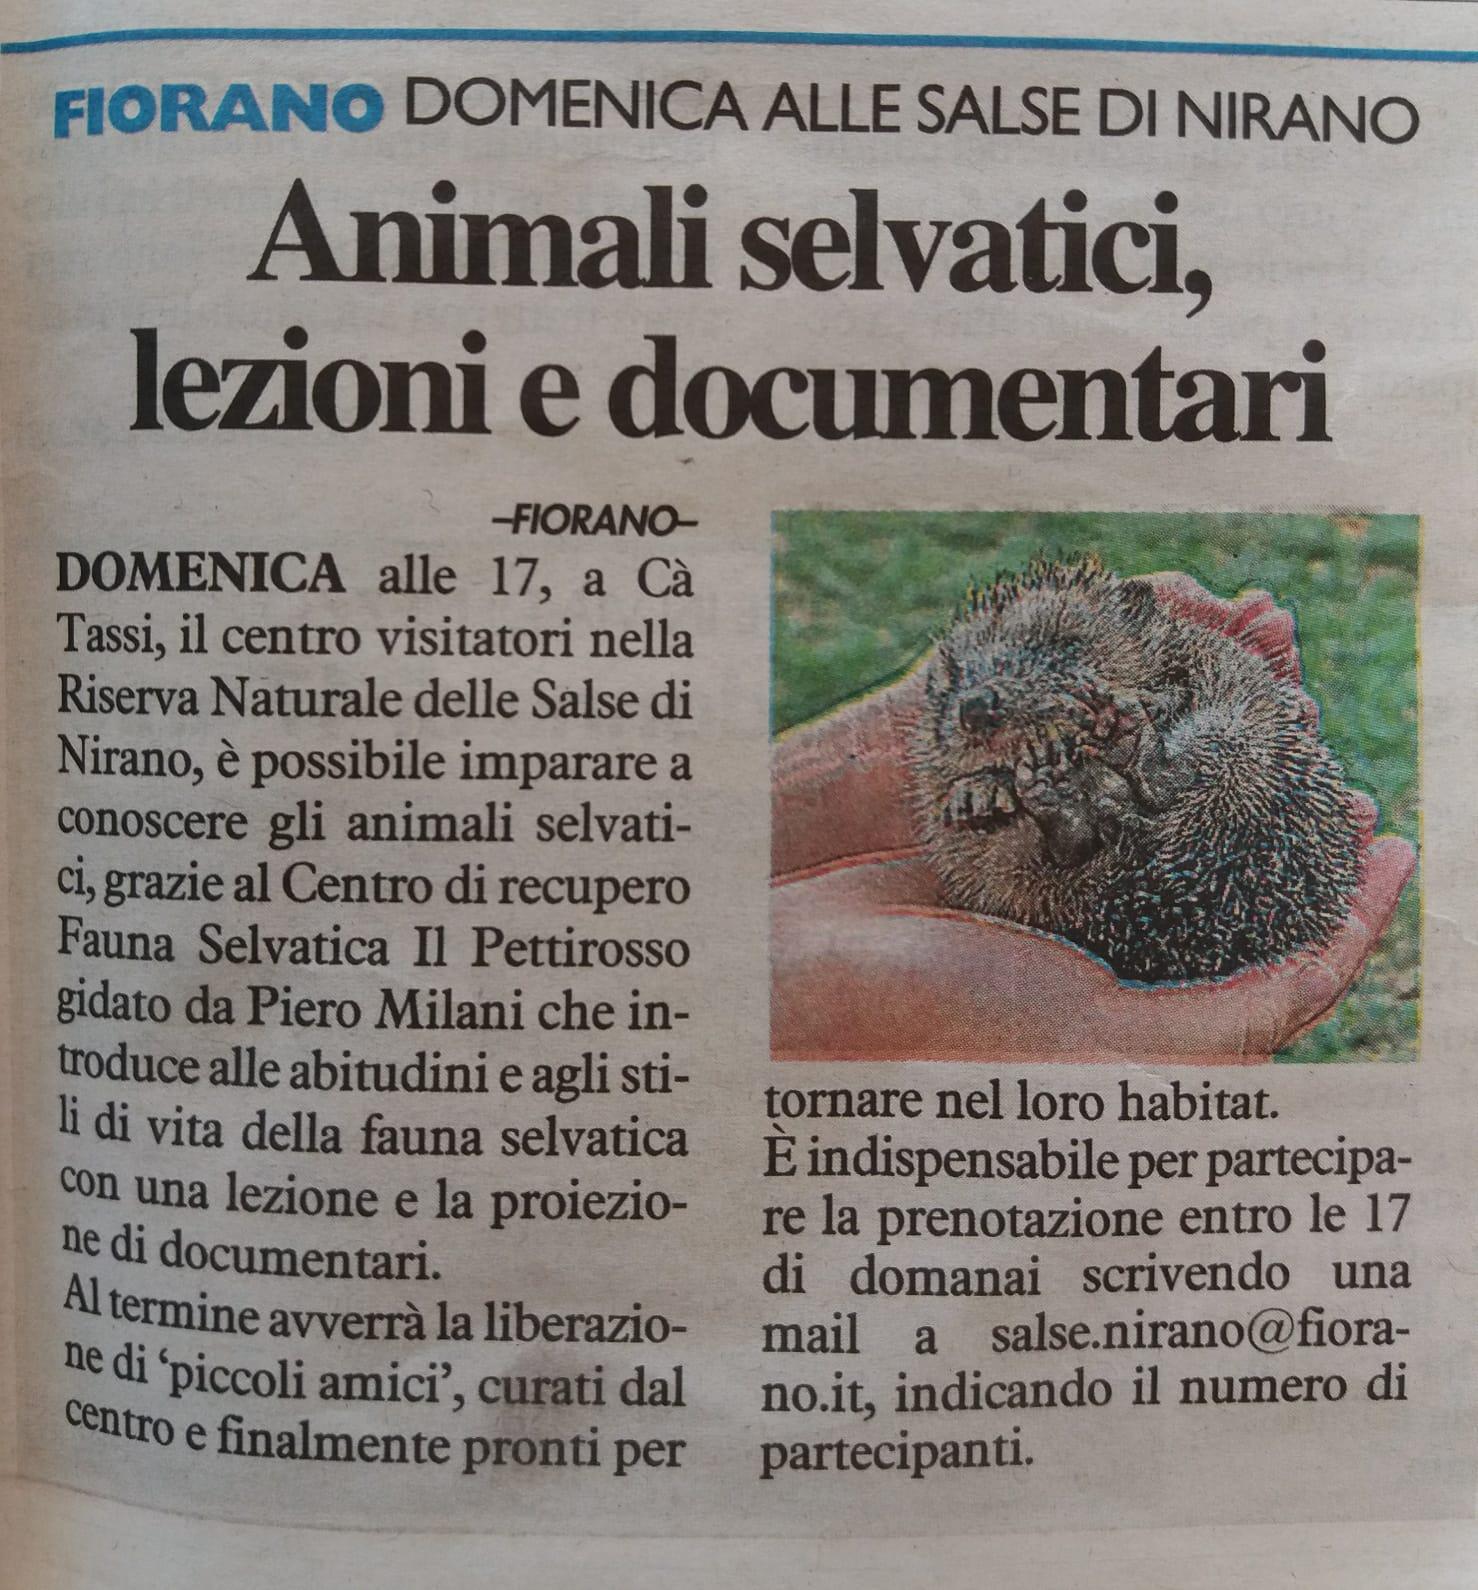 """Domenica 28 Luglio 2019 """"ANIMALI SELVATICI E DOCUMENTARI – ORE 17.00 a Cà Tassi"""